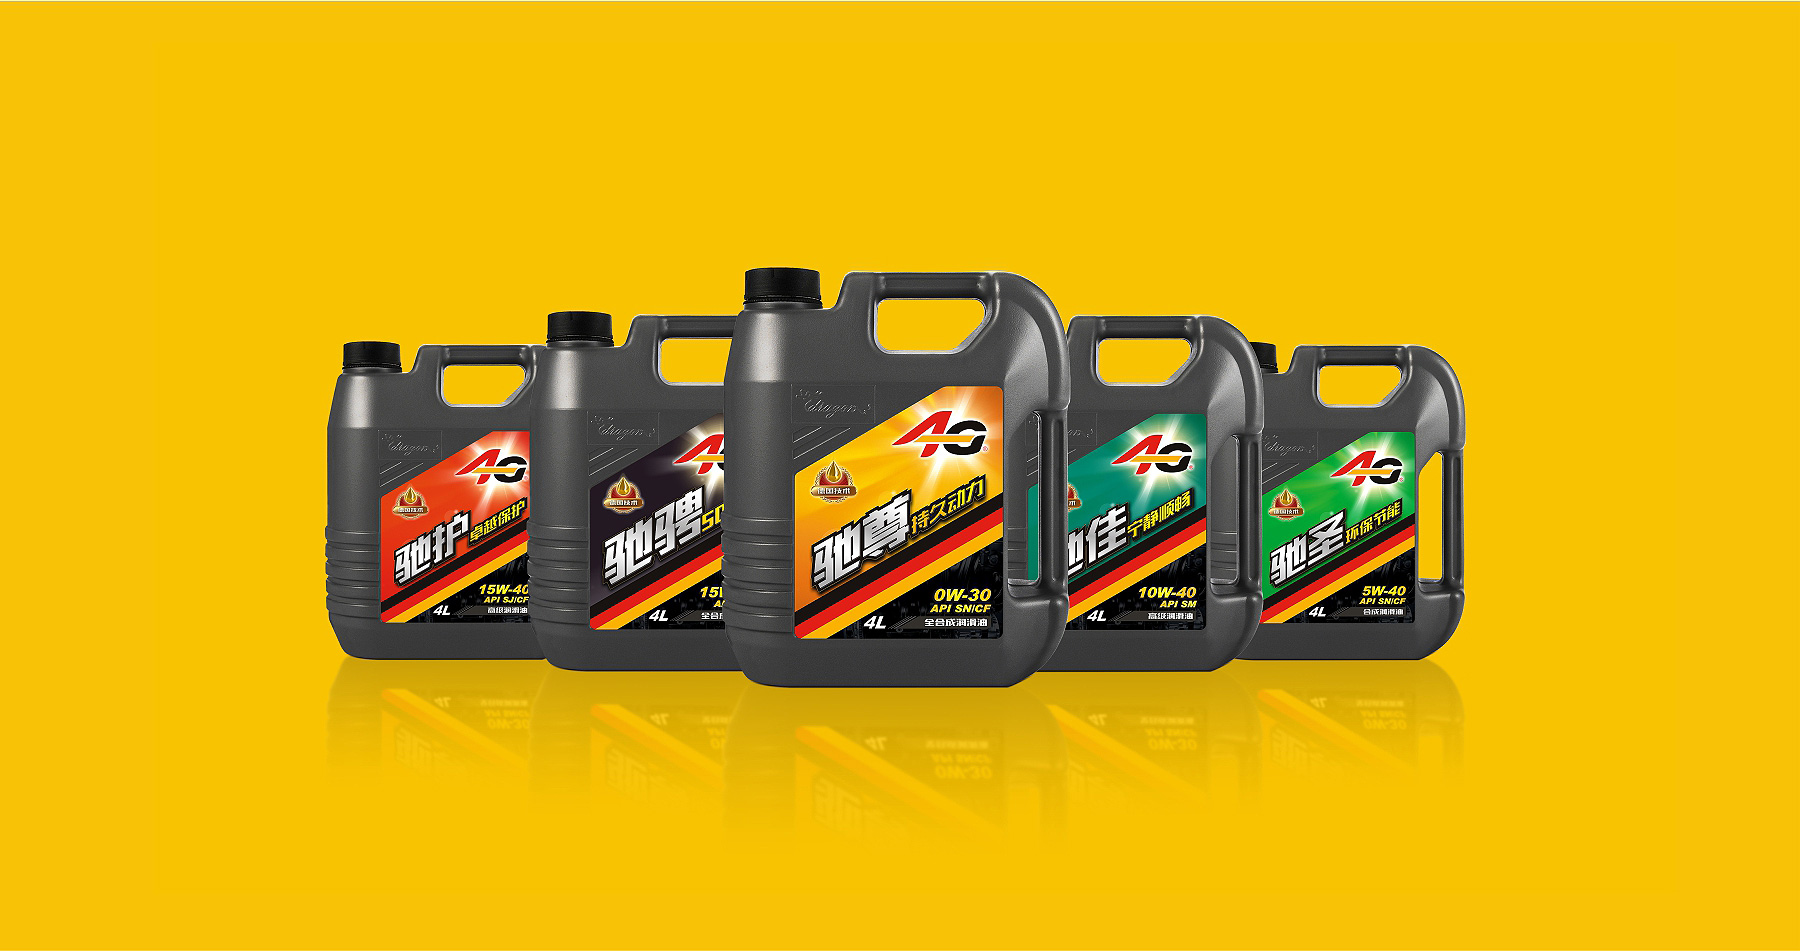 ag润滑油品牌包装设计